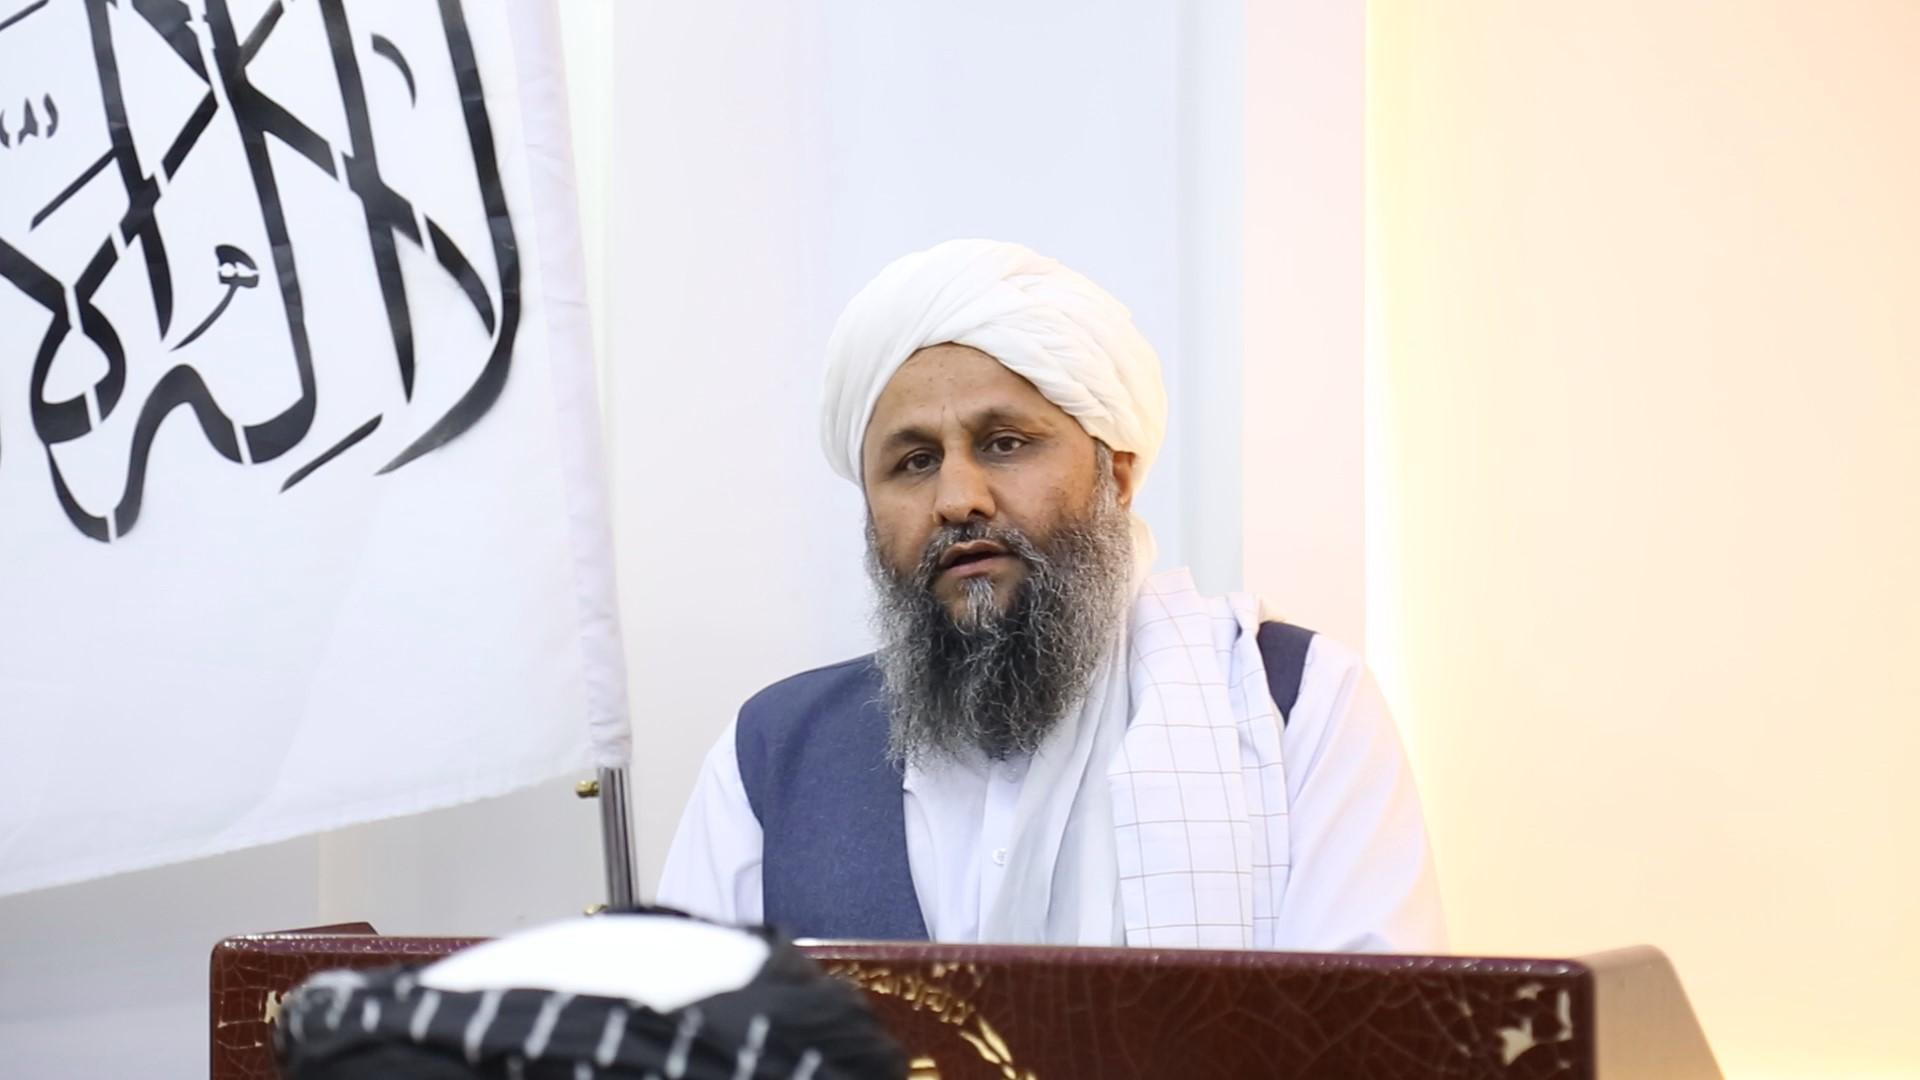 محترم مولوی نجیب الله حقانی سرپرست وزارت مخابرات و تکنالوژی معلوماتی به طور مفصل روی اهداف کاری خود در سکتور مخابرات صحبت کرد.